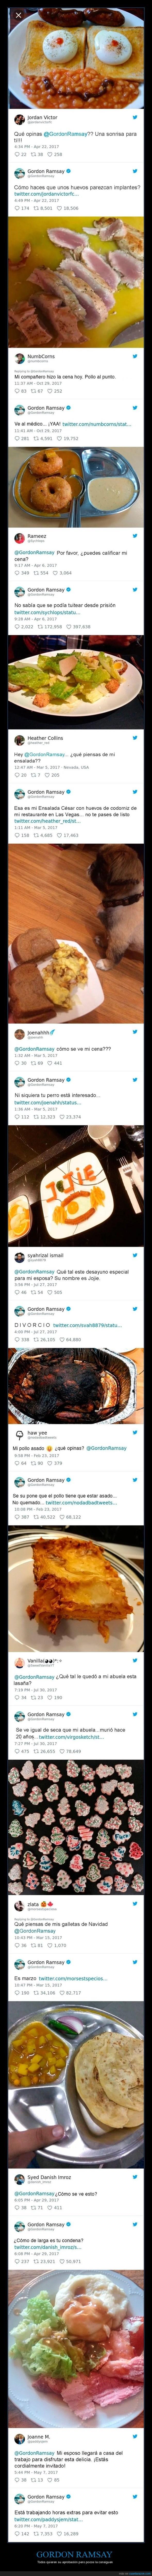 Gordon Ramsay respuestas en twitter a sus seguidores